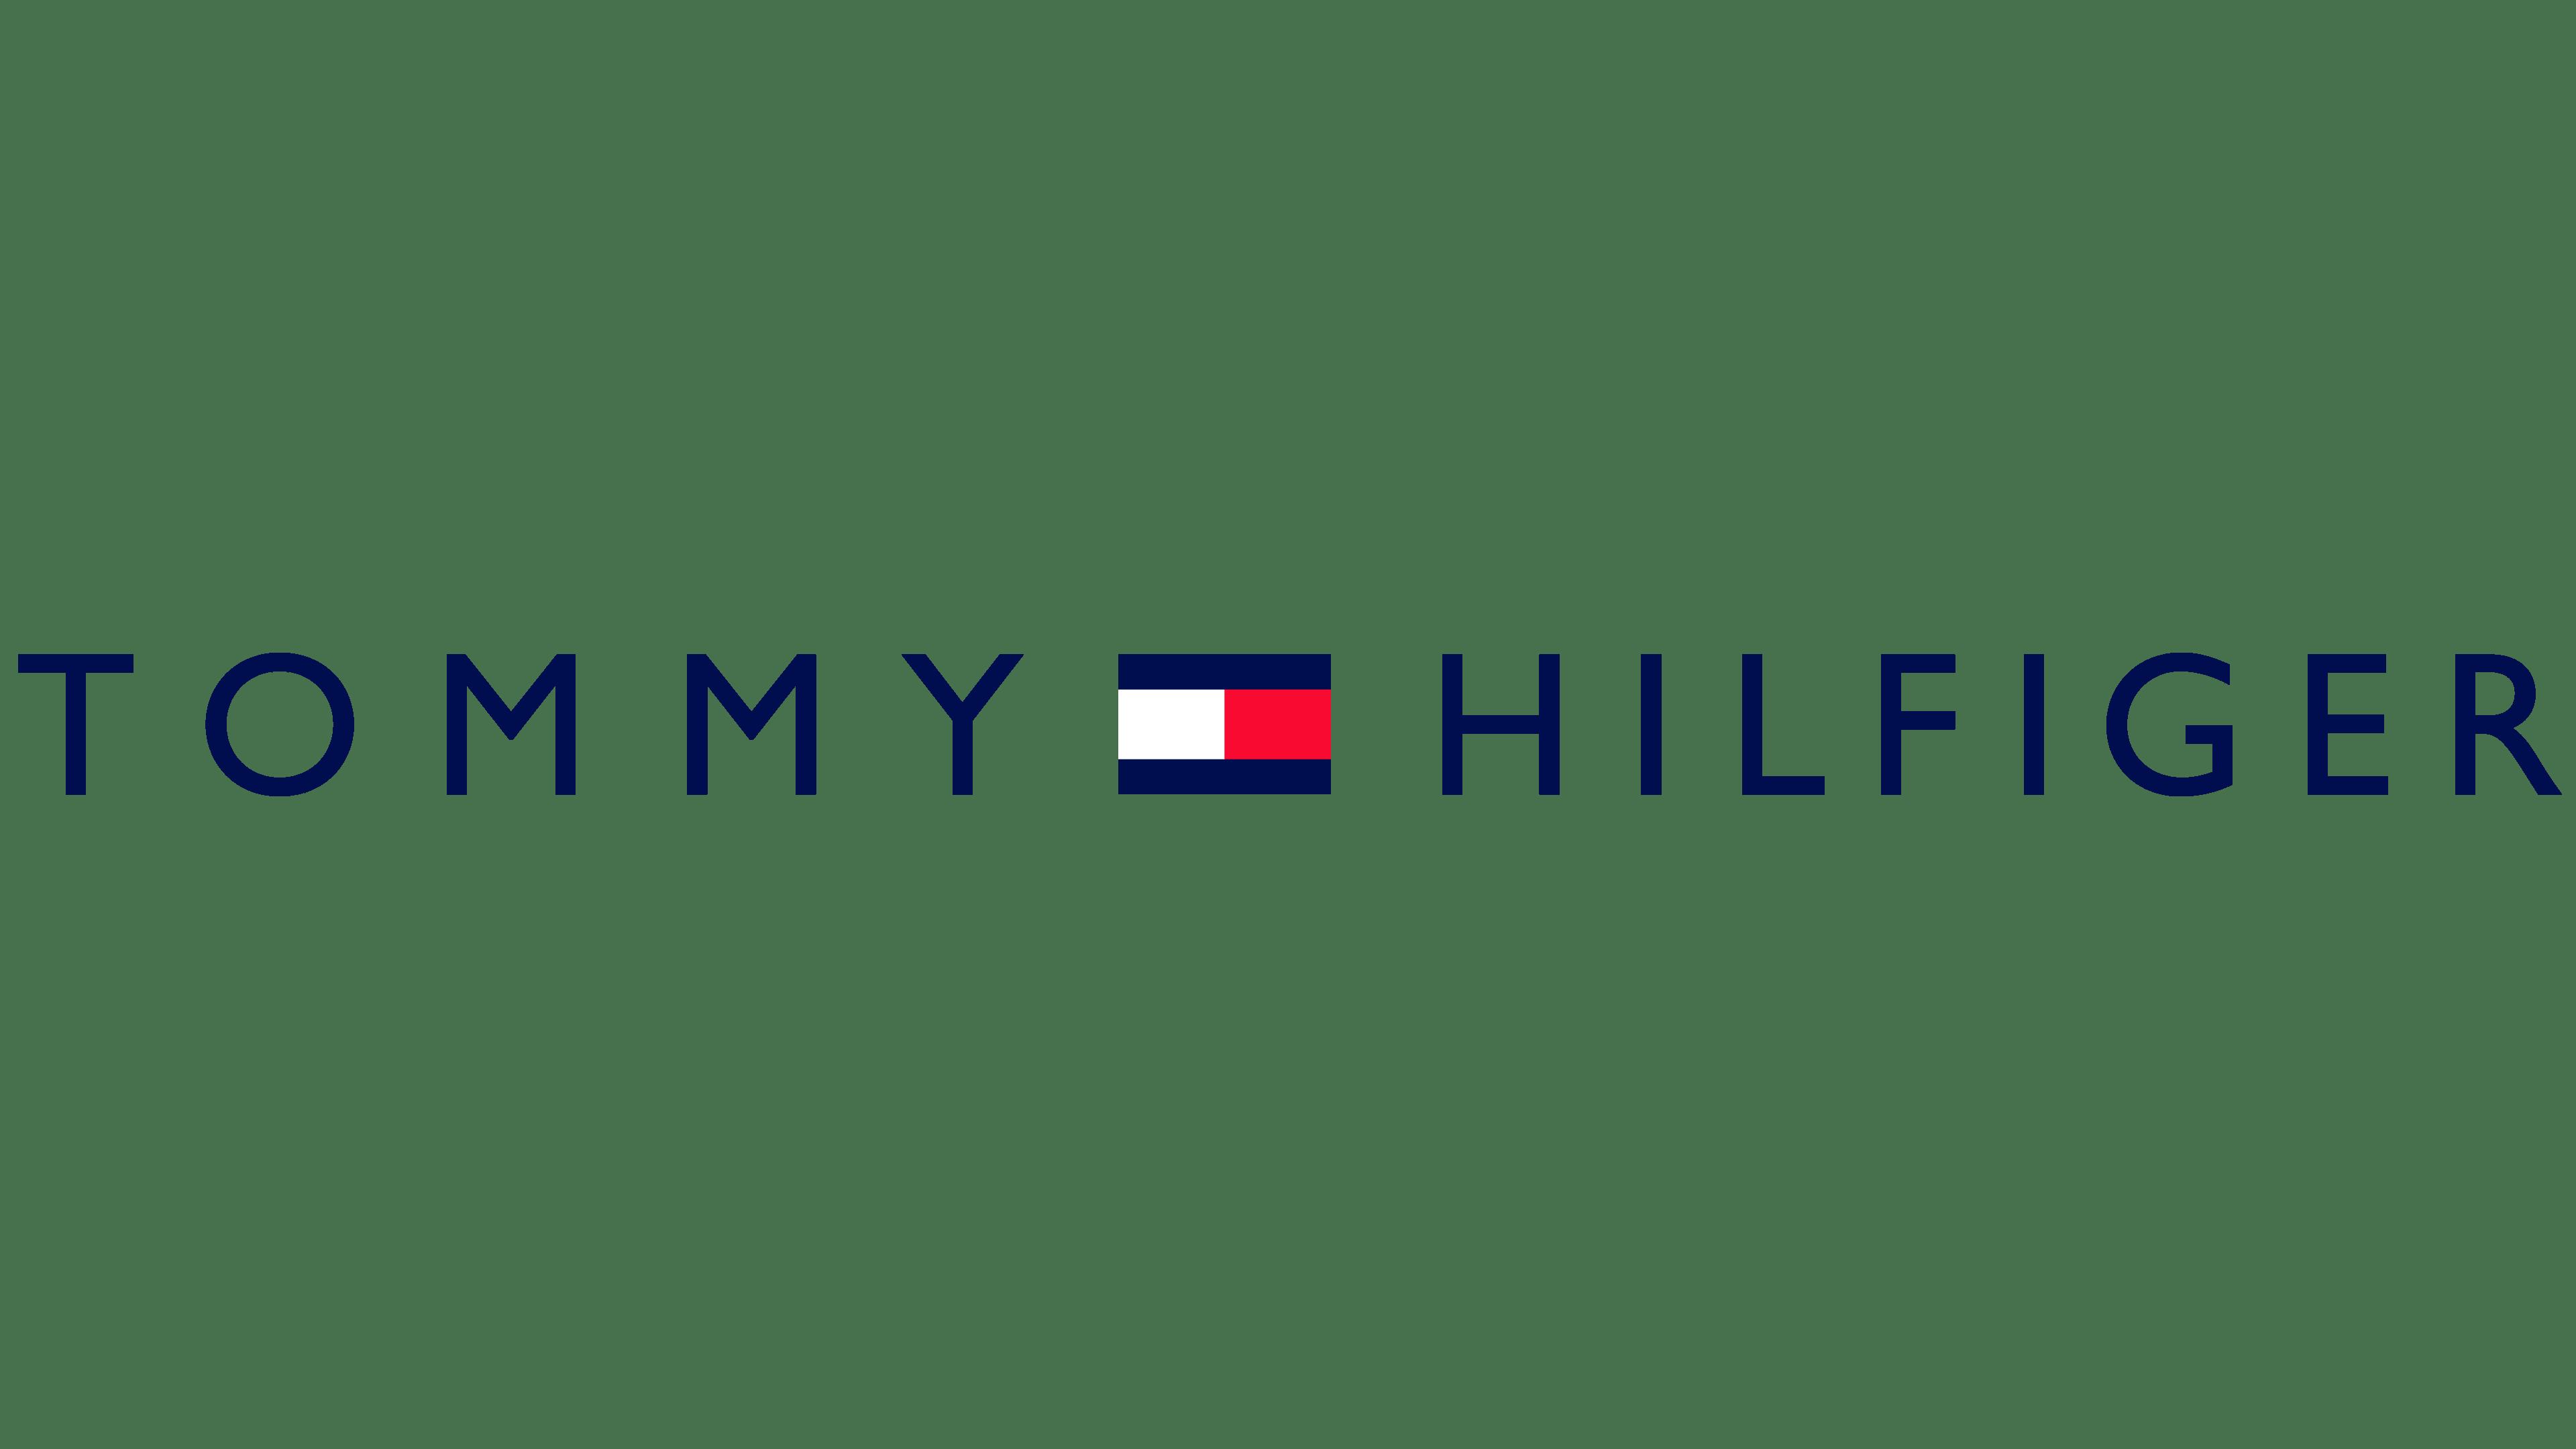 Rouya - TOMMY HILFIGER